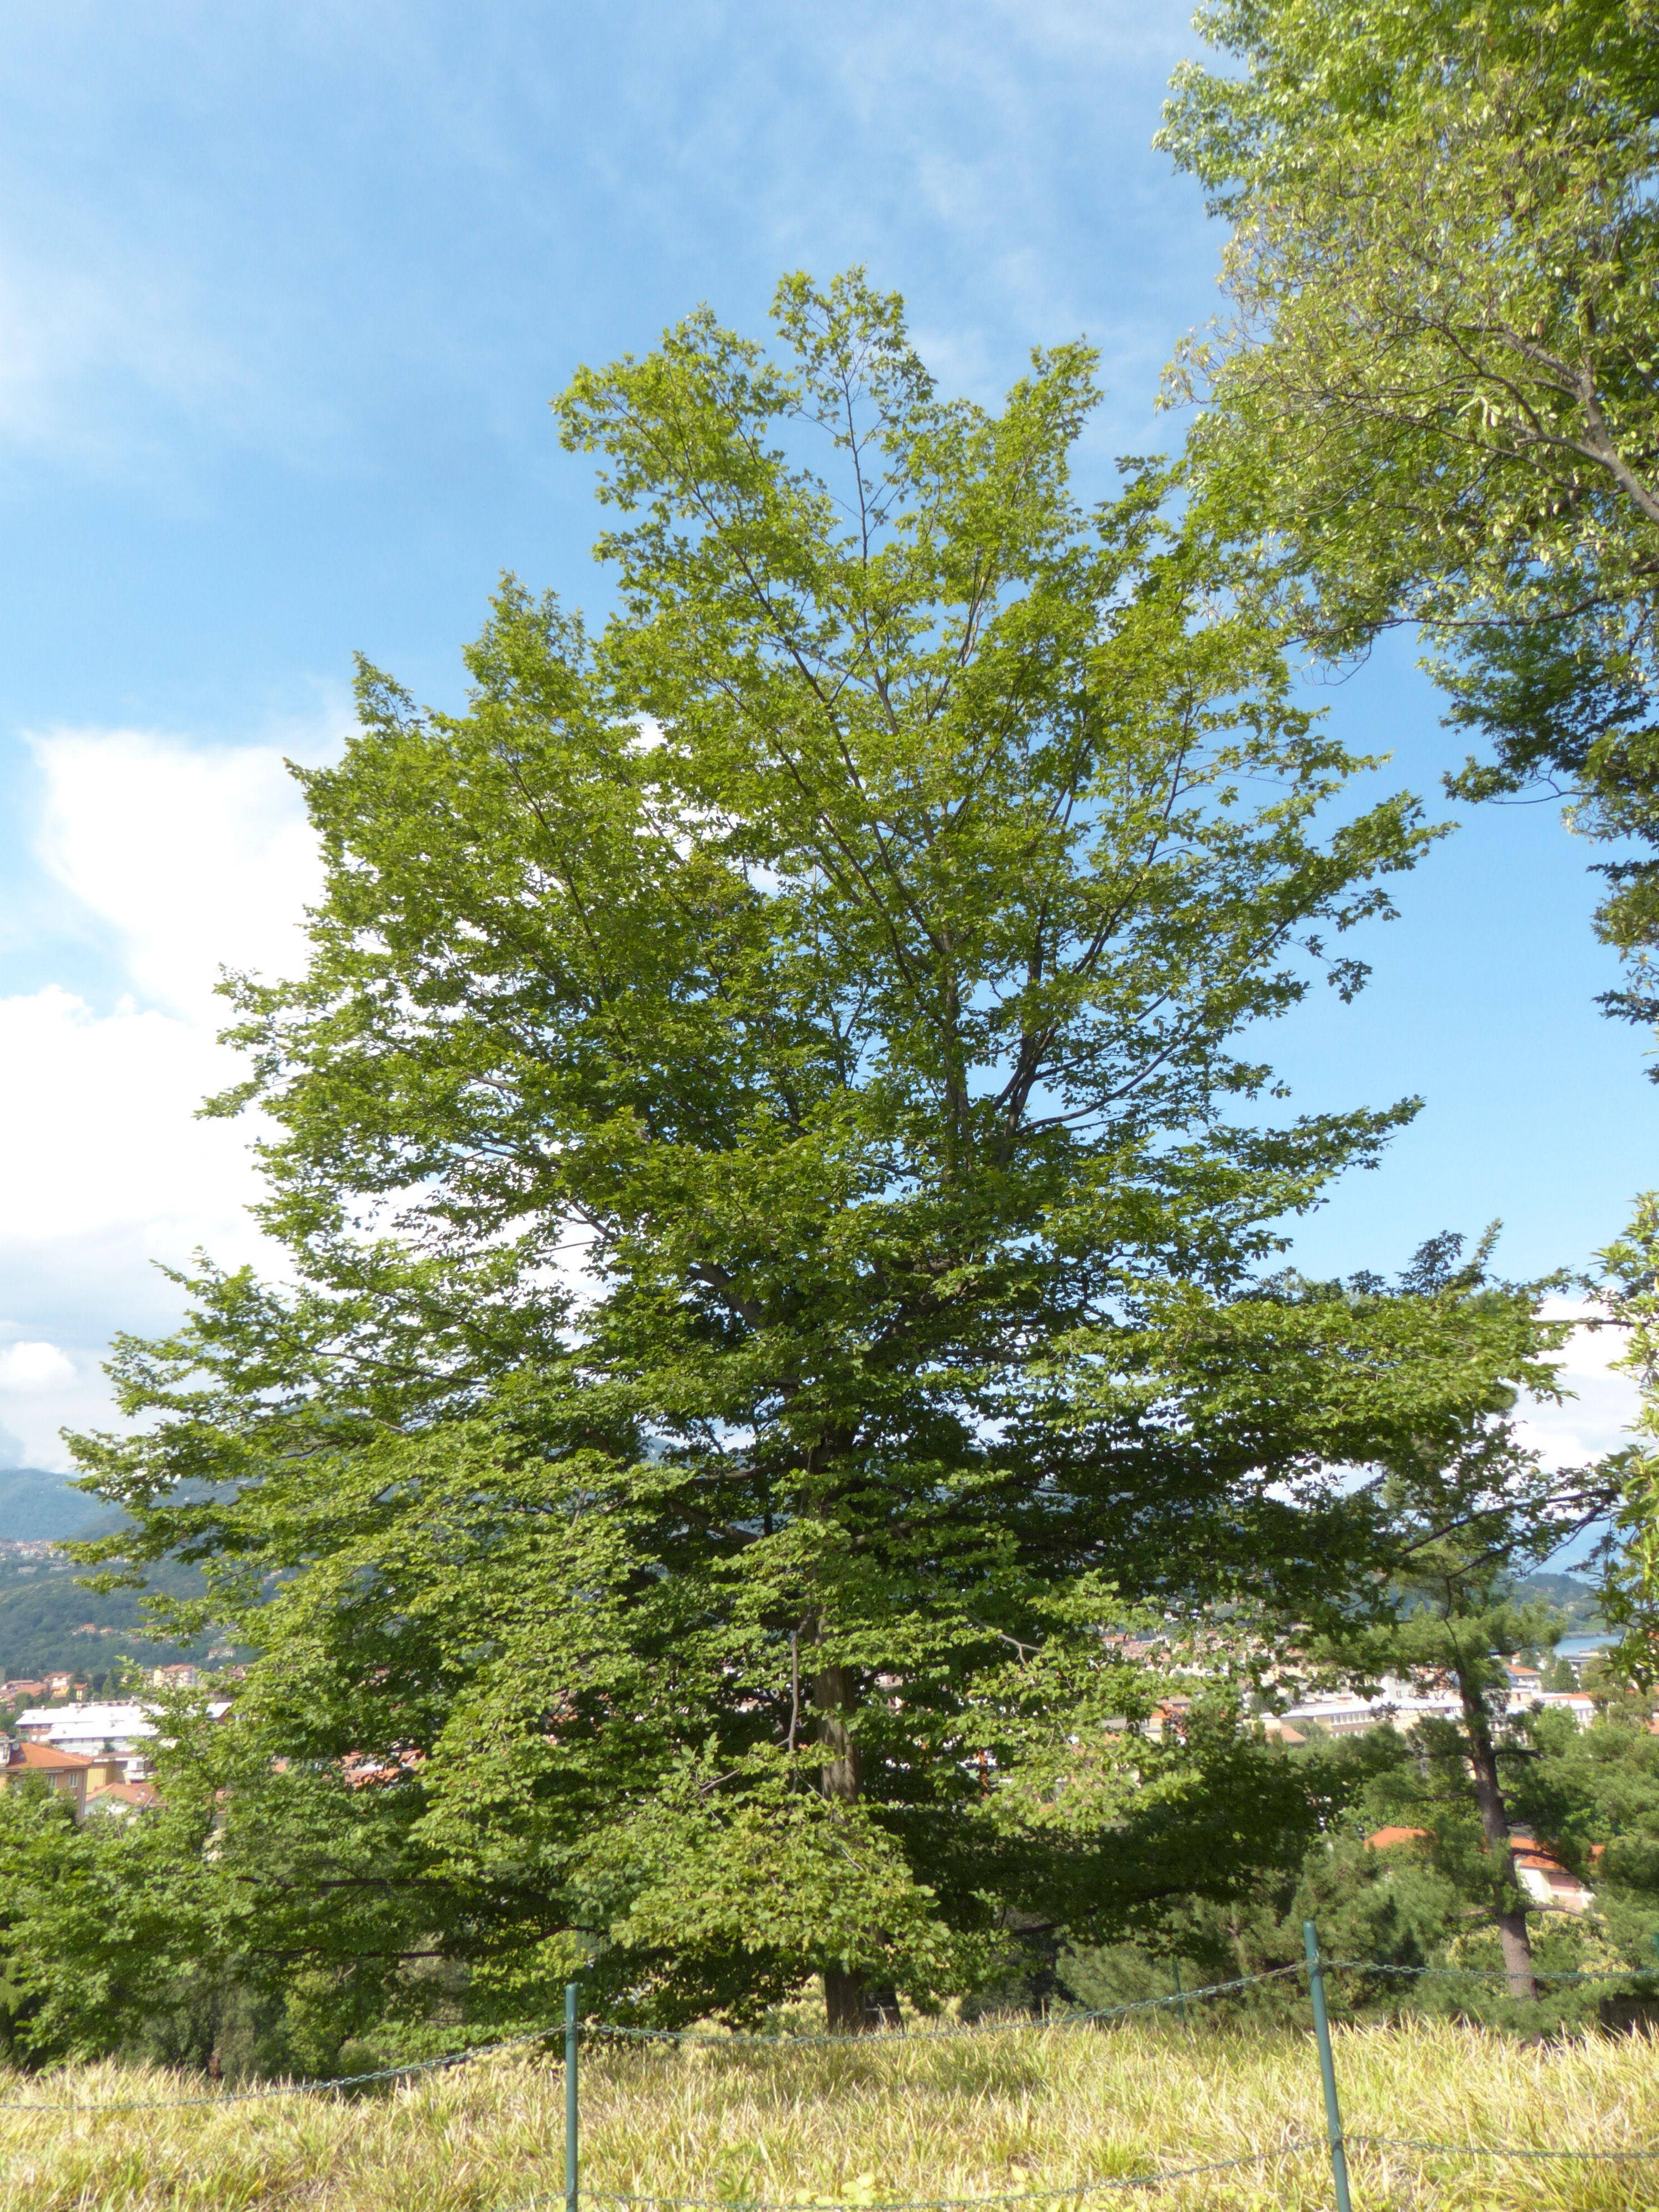 © Dipartimento di Scienze della Vita, Università di Trieste<br>by Andrea Moro<br>Comune di Verbania, Giardini Botanici di Villa Taranto, VB, Piemonte, Italia, 22/06/2019<br>Distributed under CC-BY-SA 4.0 license.